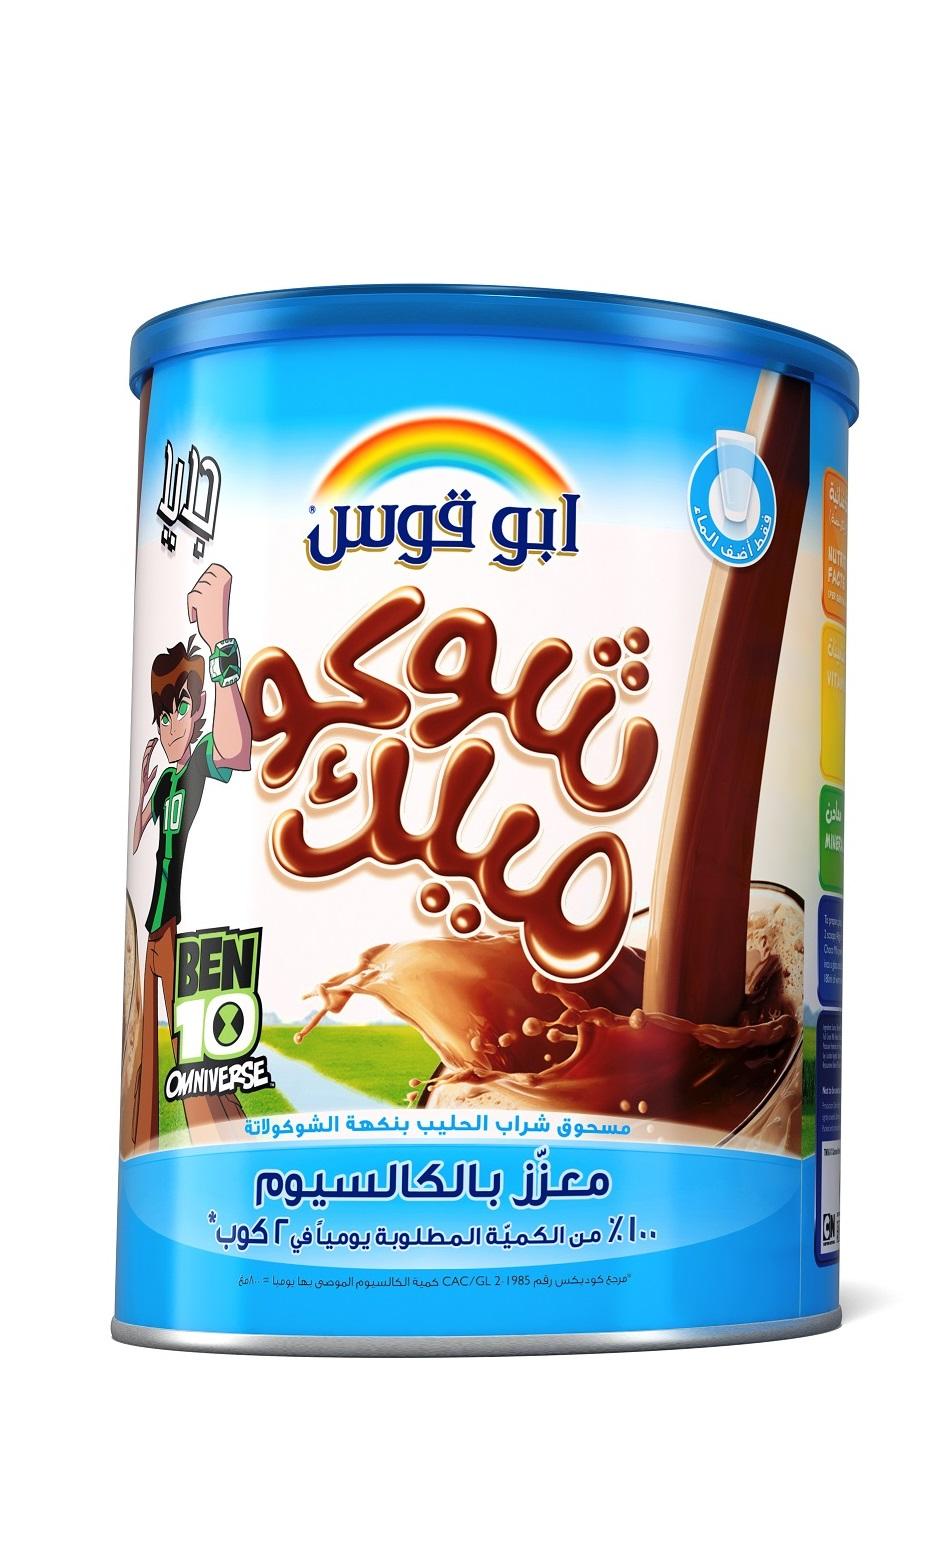 أبو قوس حليب الشوكولاتة حليب سيحبه الأطفال Menafn Com